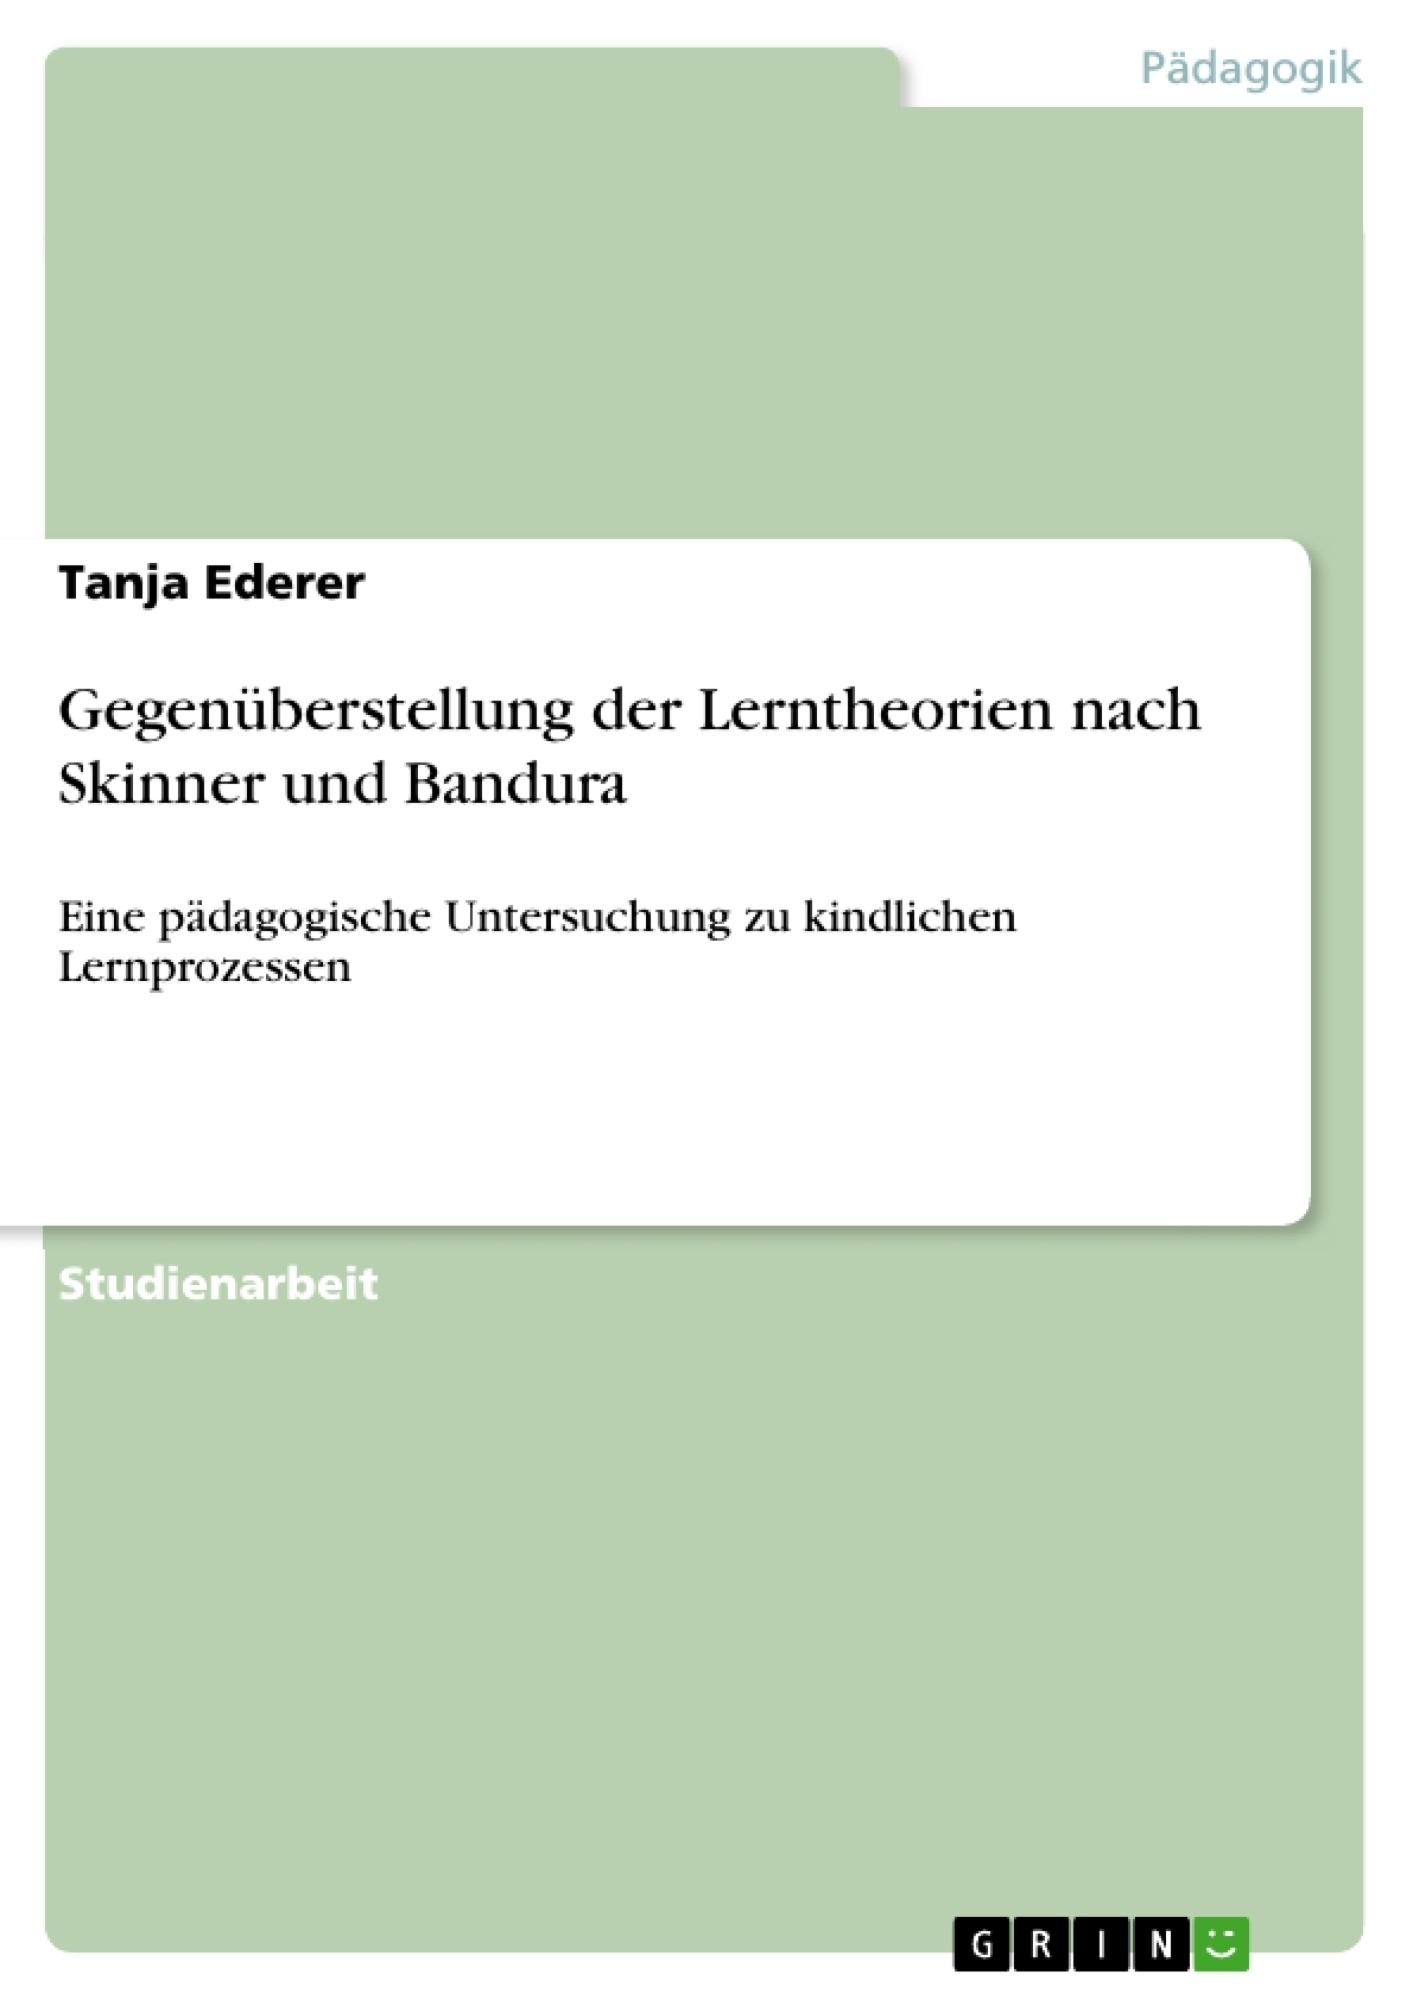 Titel: Gegenüberstellung der Lerntheorien nach Skinner und Bandura